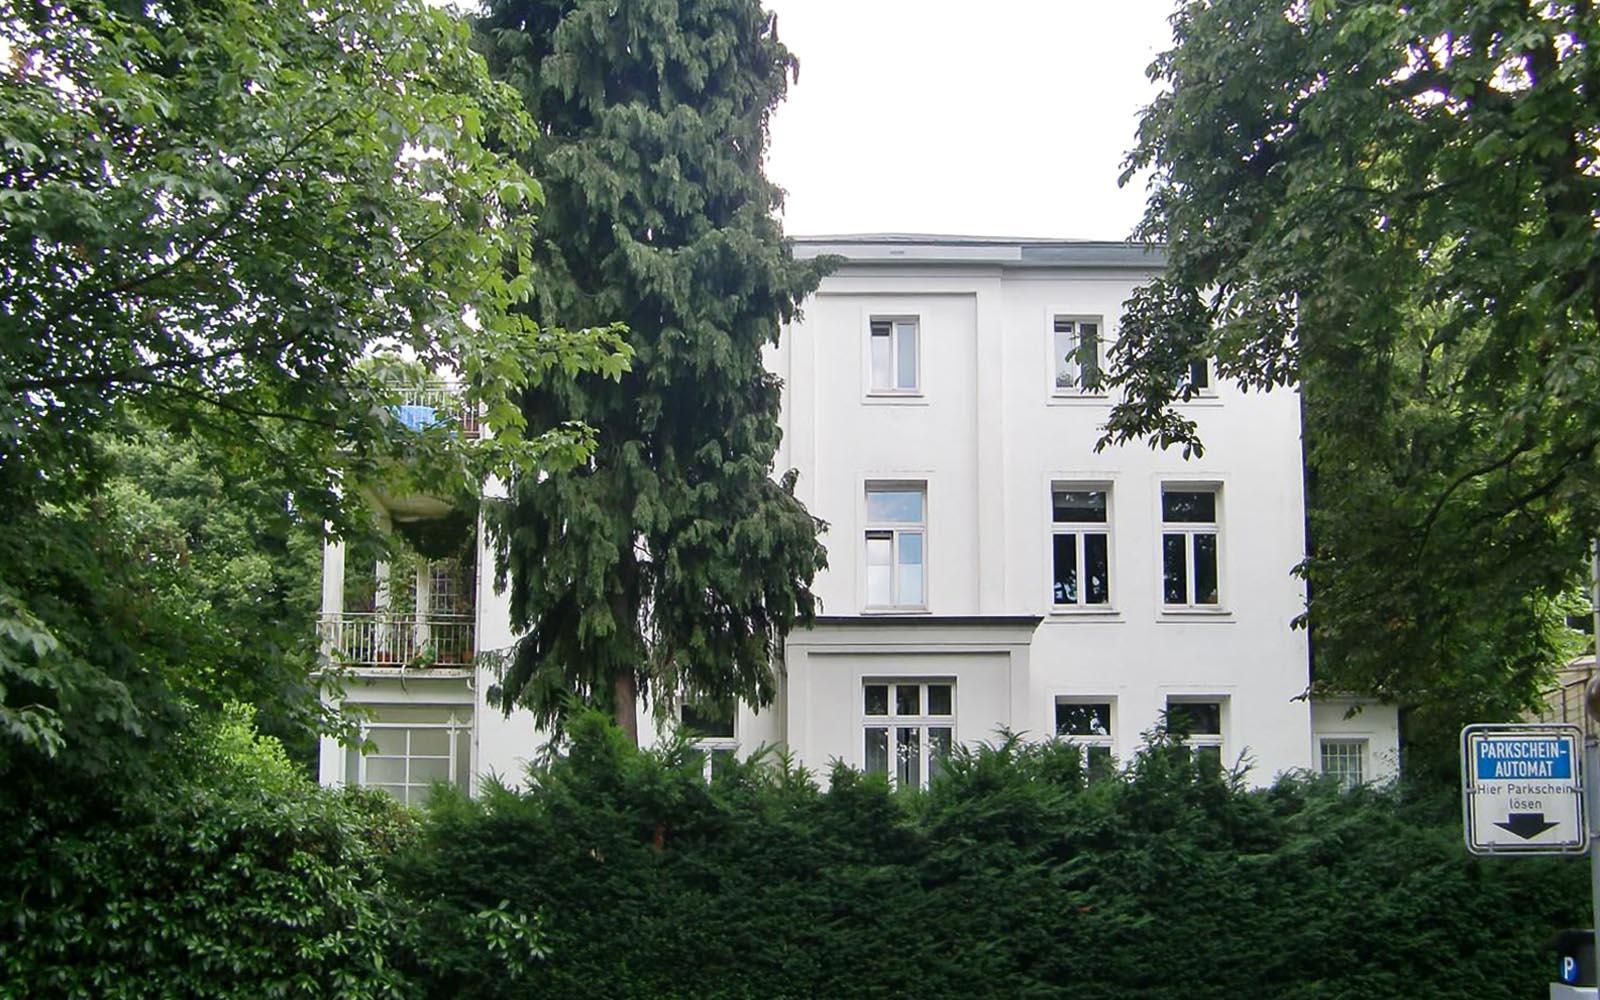 STL_SteinwegClausArchitekten_Stadtvilla_Umbau_Altbau_Luedenscheid_00002